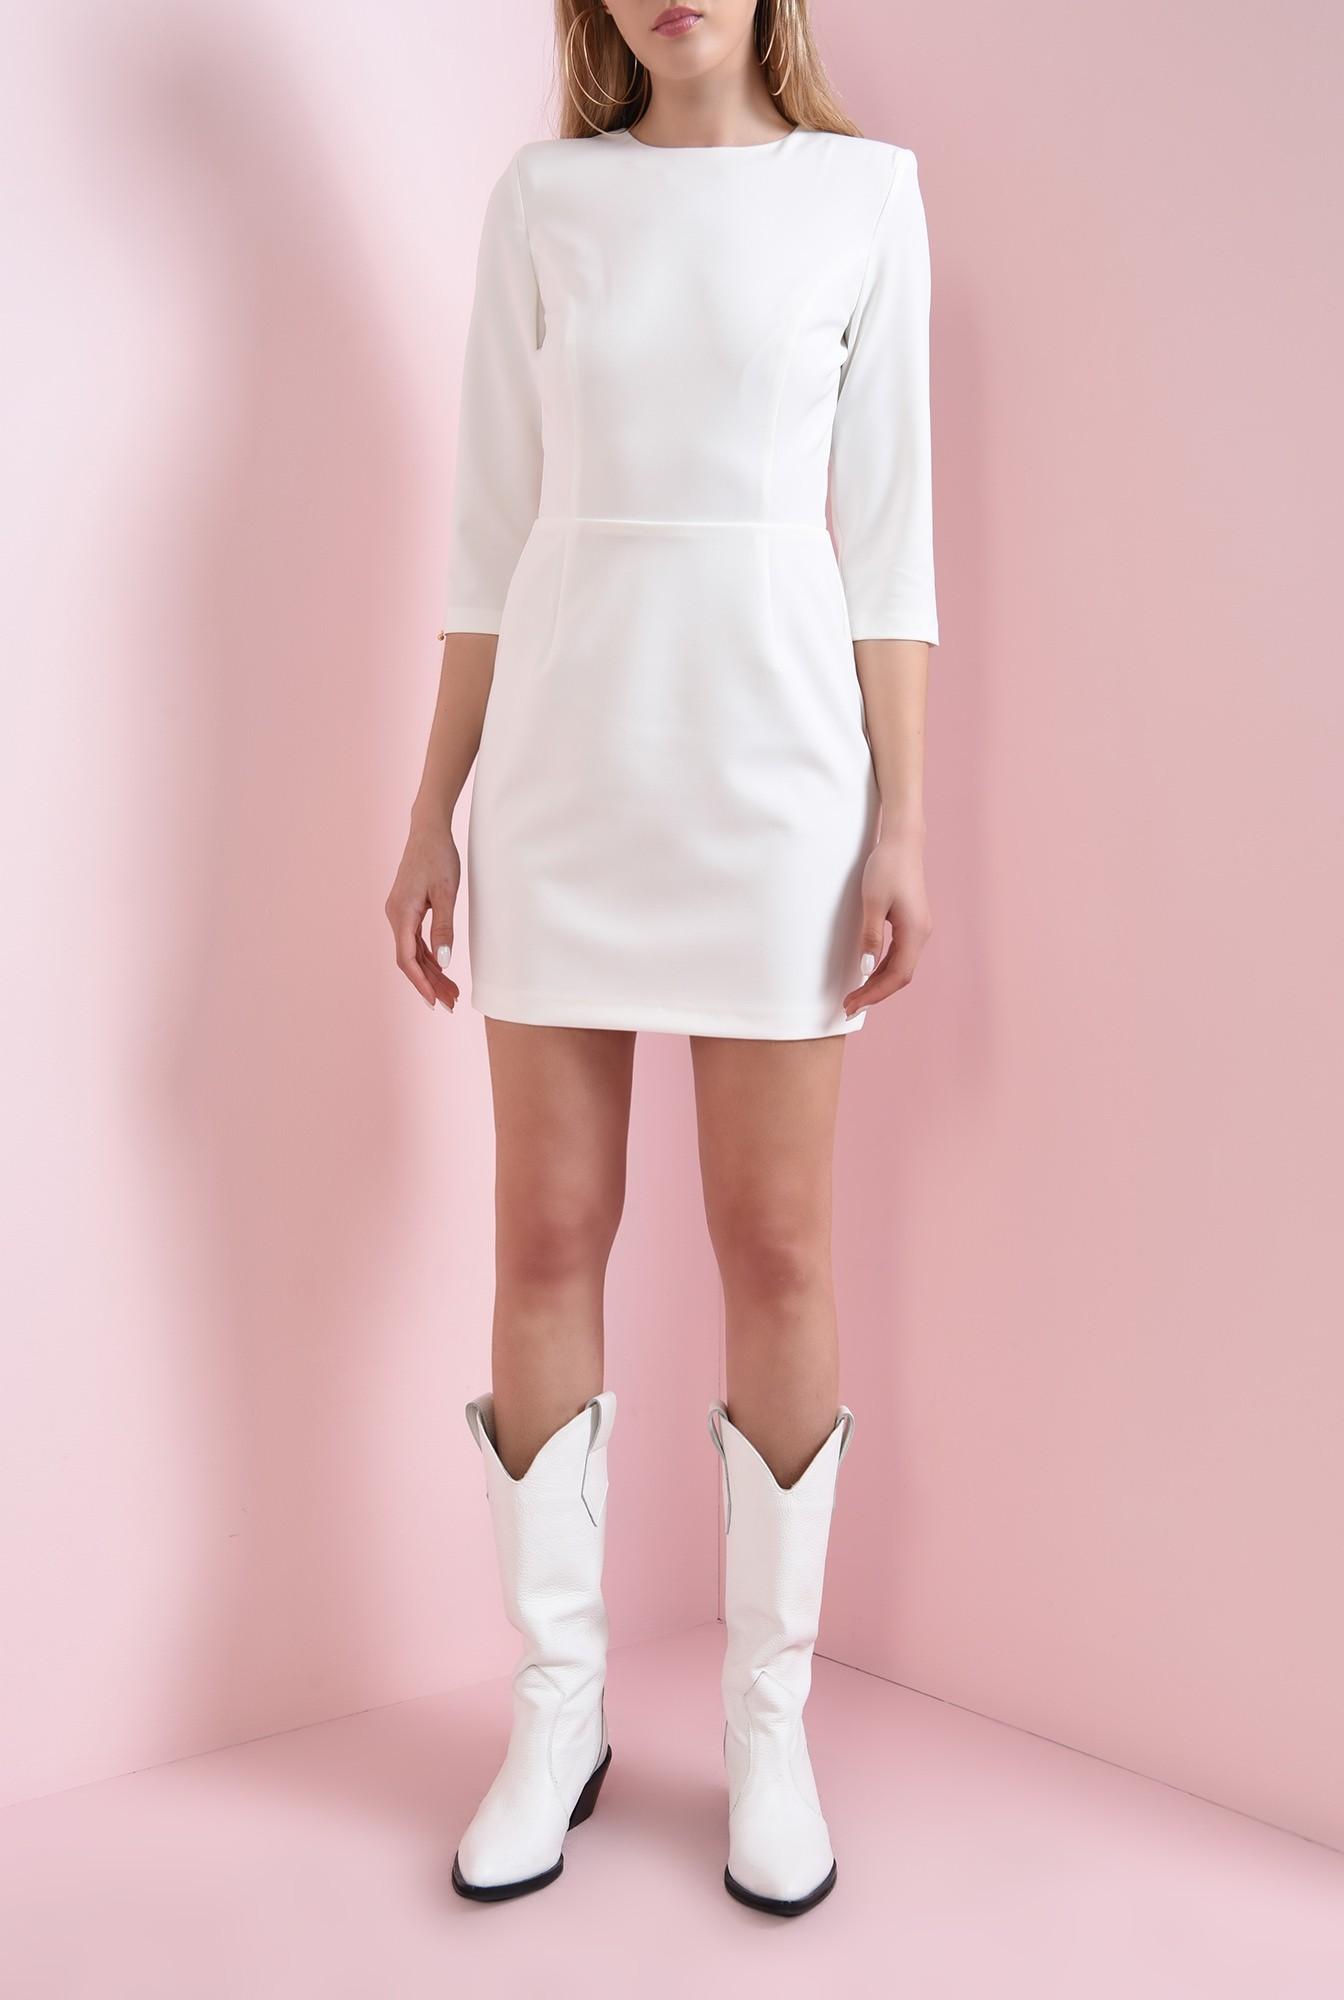 3 - 360 - rochie mini, ivoar, cu decupaj la spate